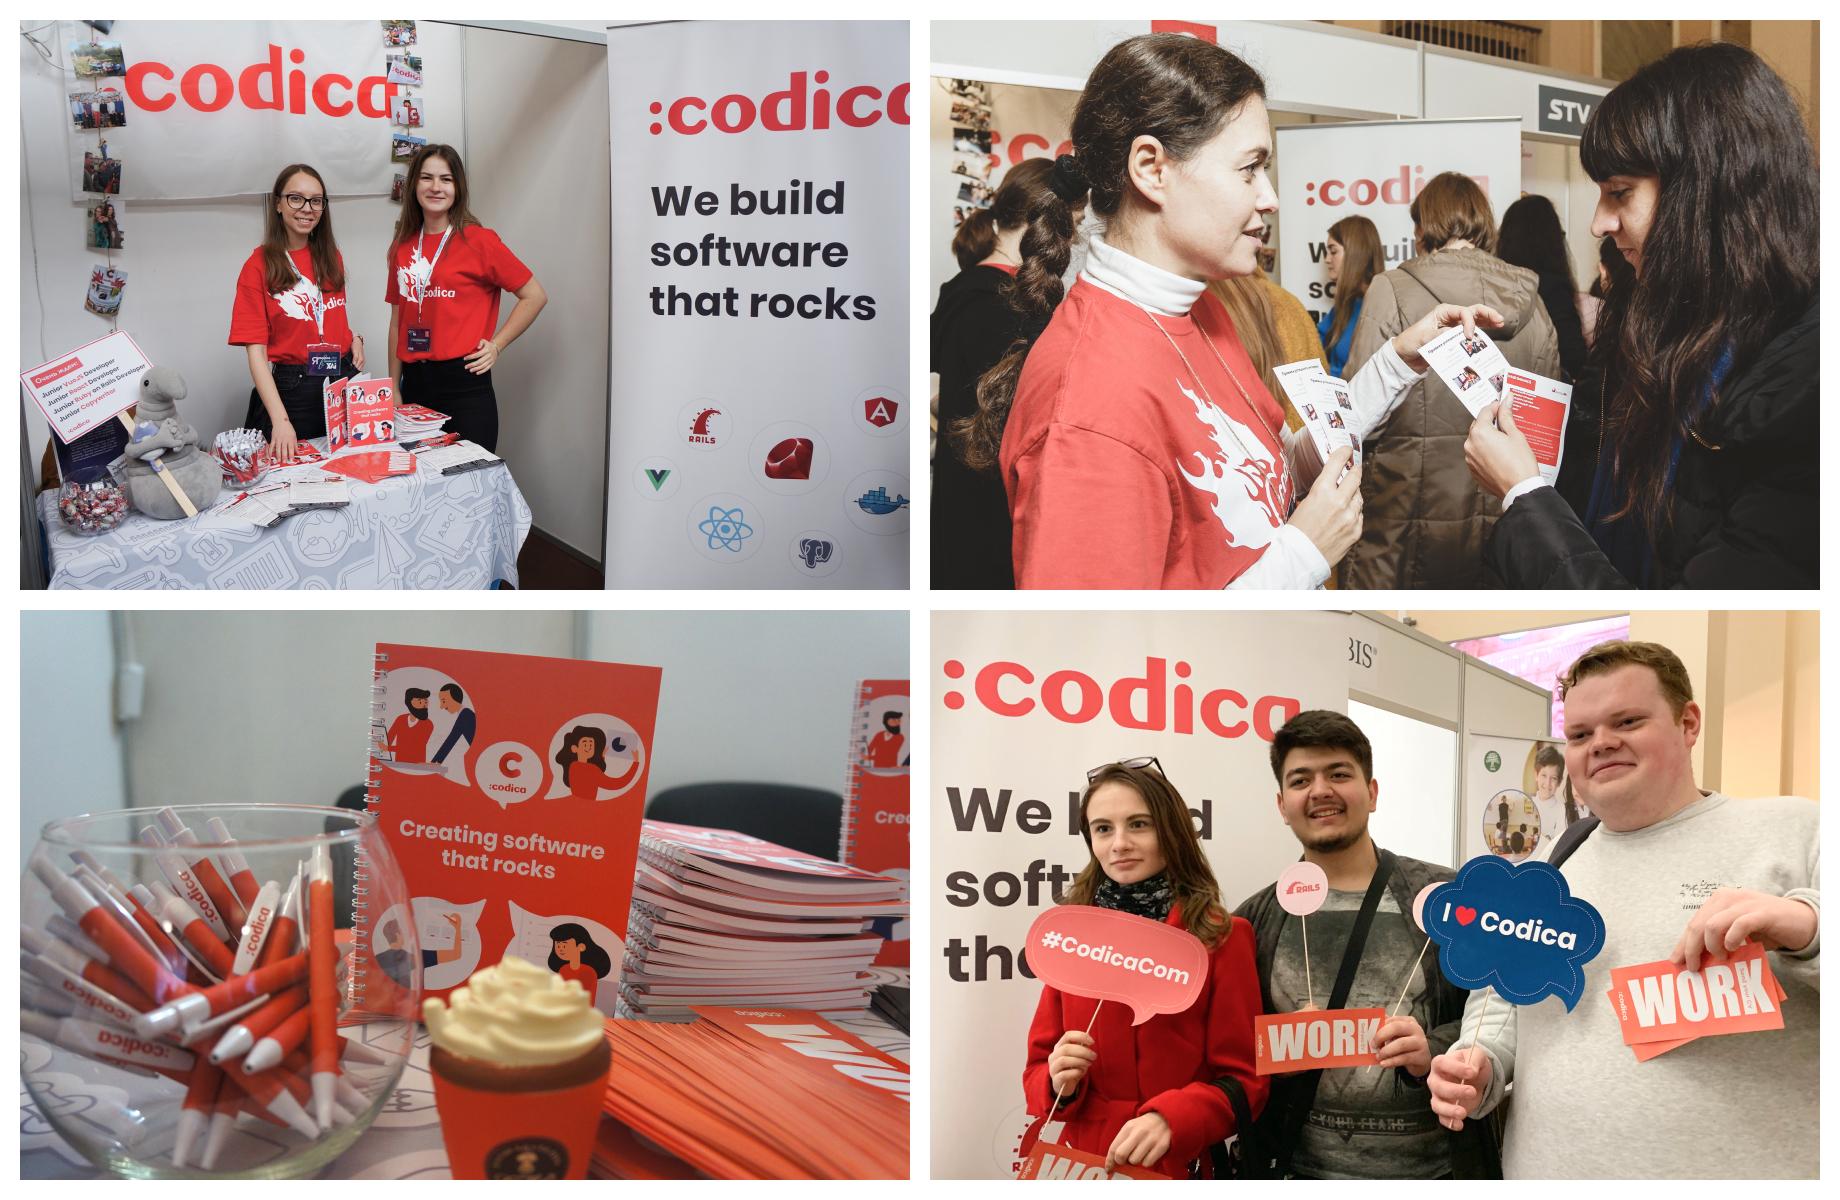 Codica team at a job fair